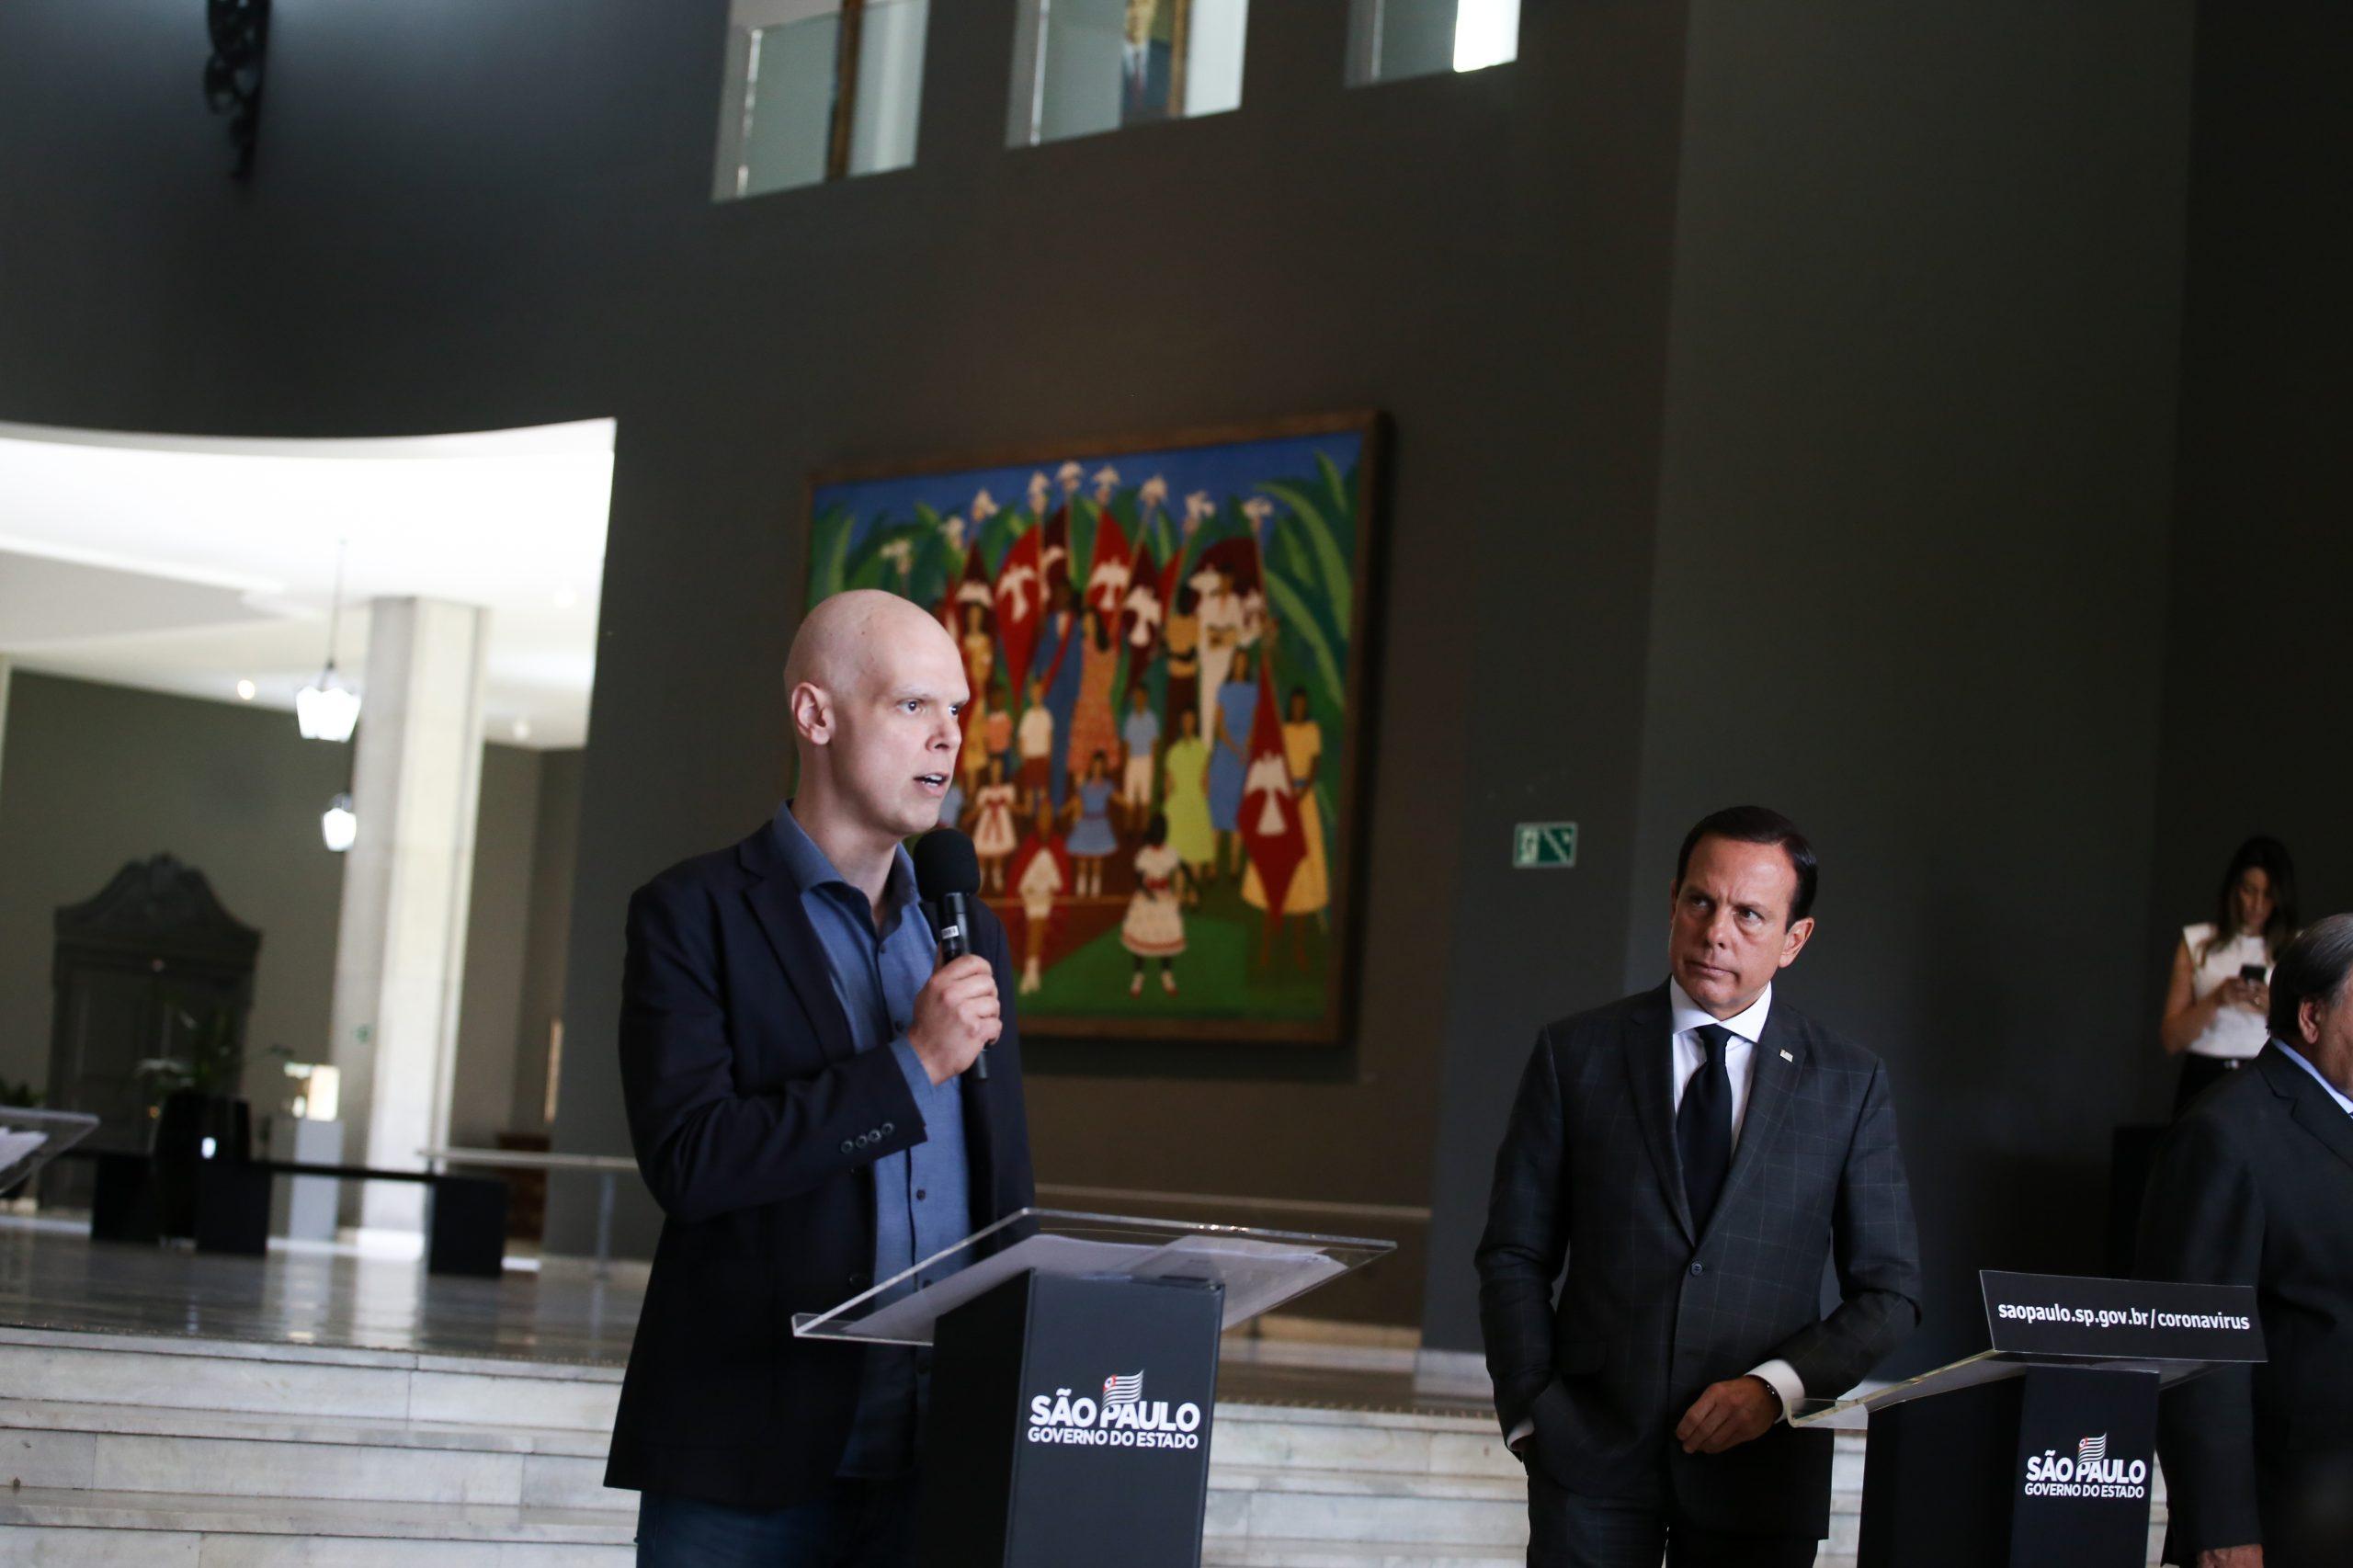 Bruno Covas e João Doria em coletiva de imprensa sobre ações contra o Coronavírus. (Crédito: Governo do Estado de São Paulo).